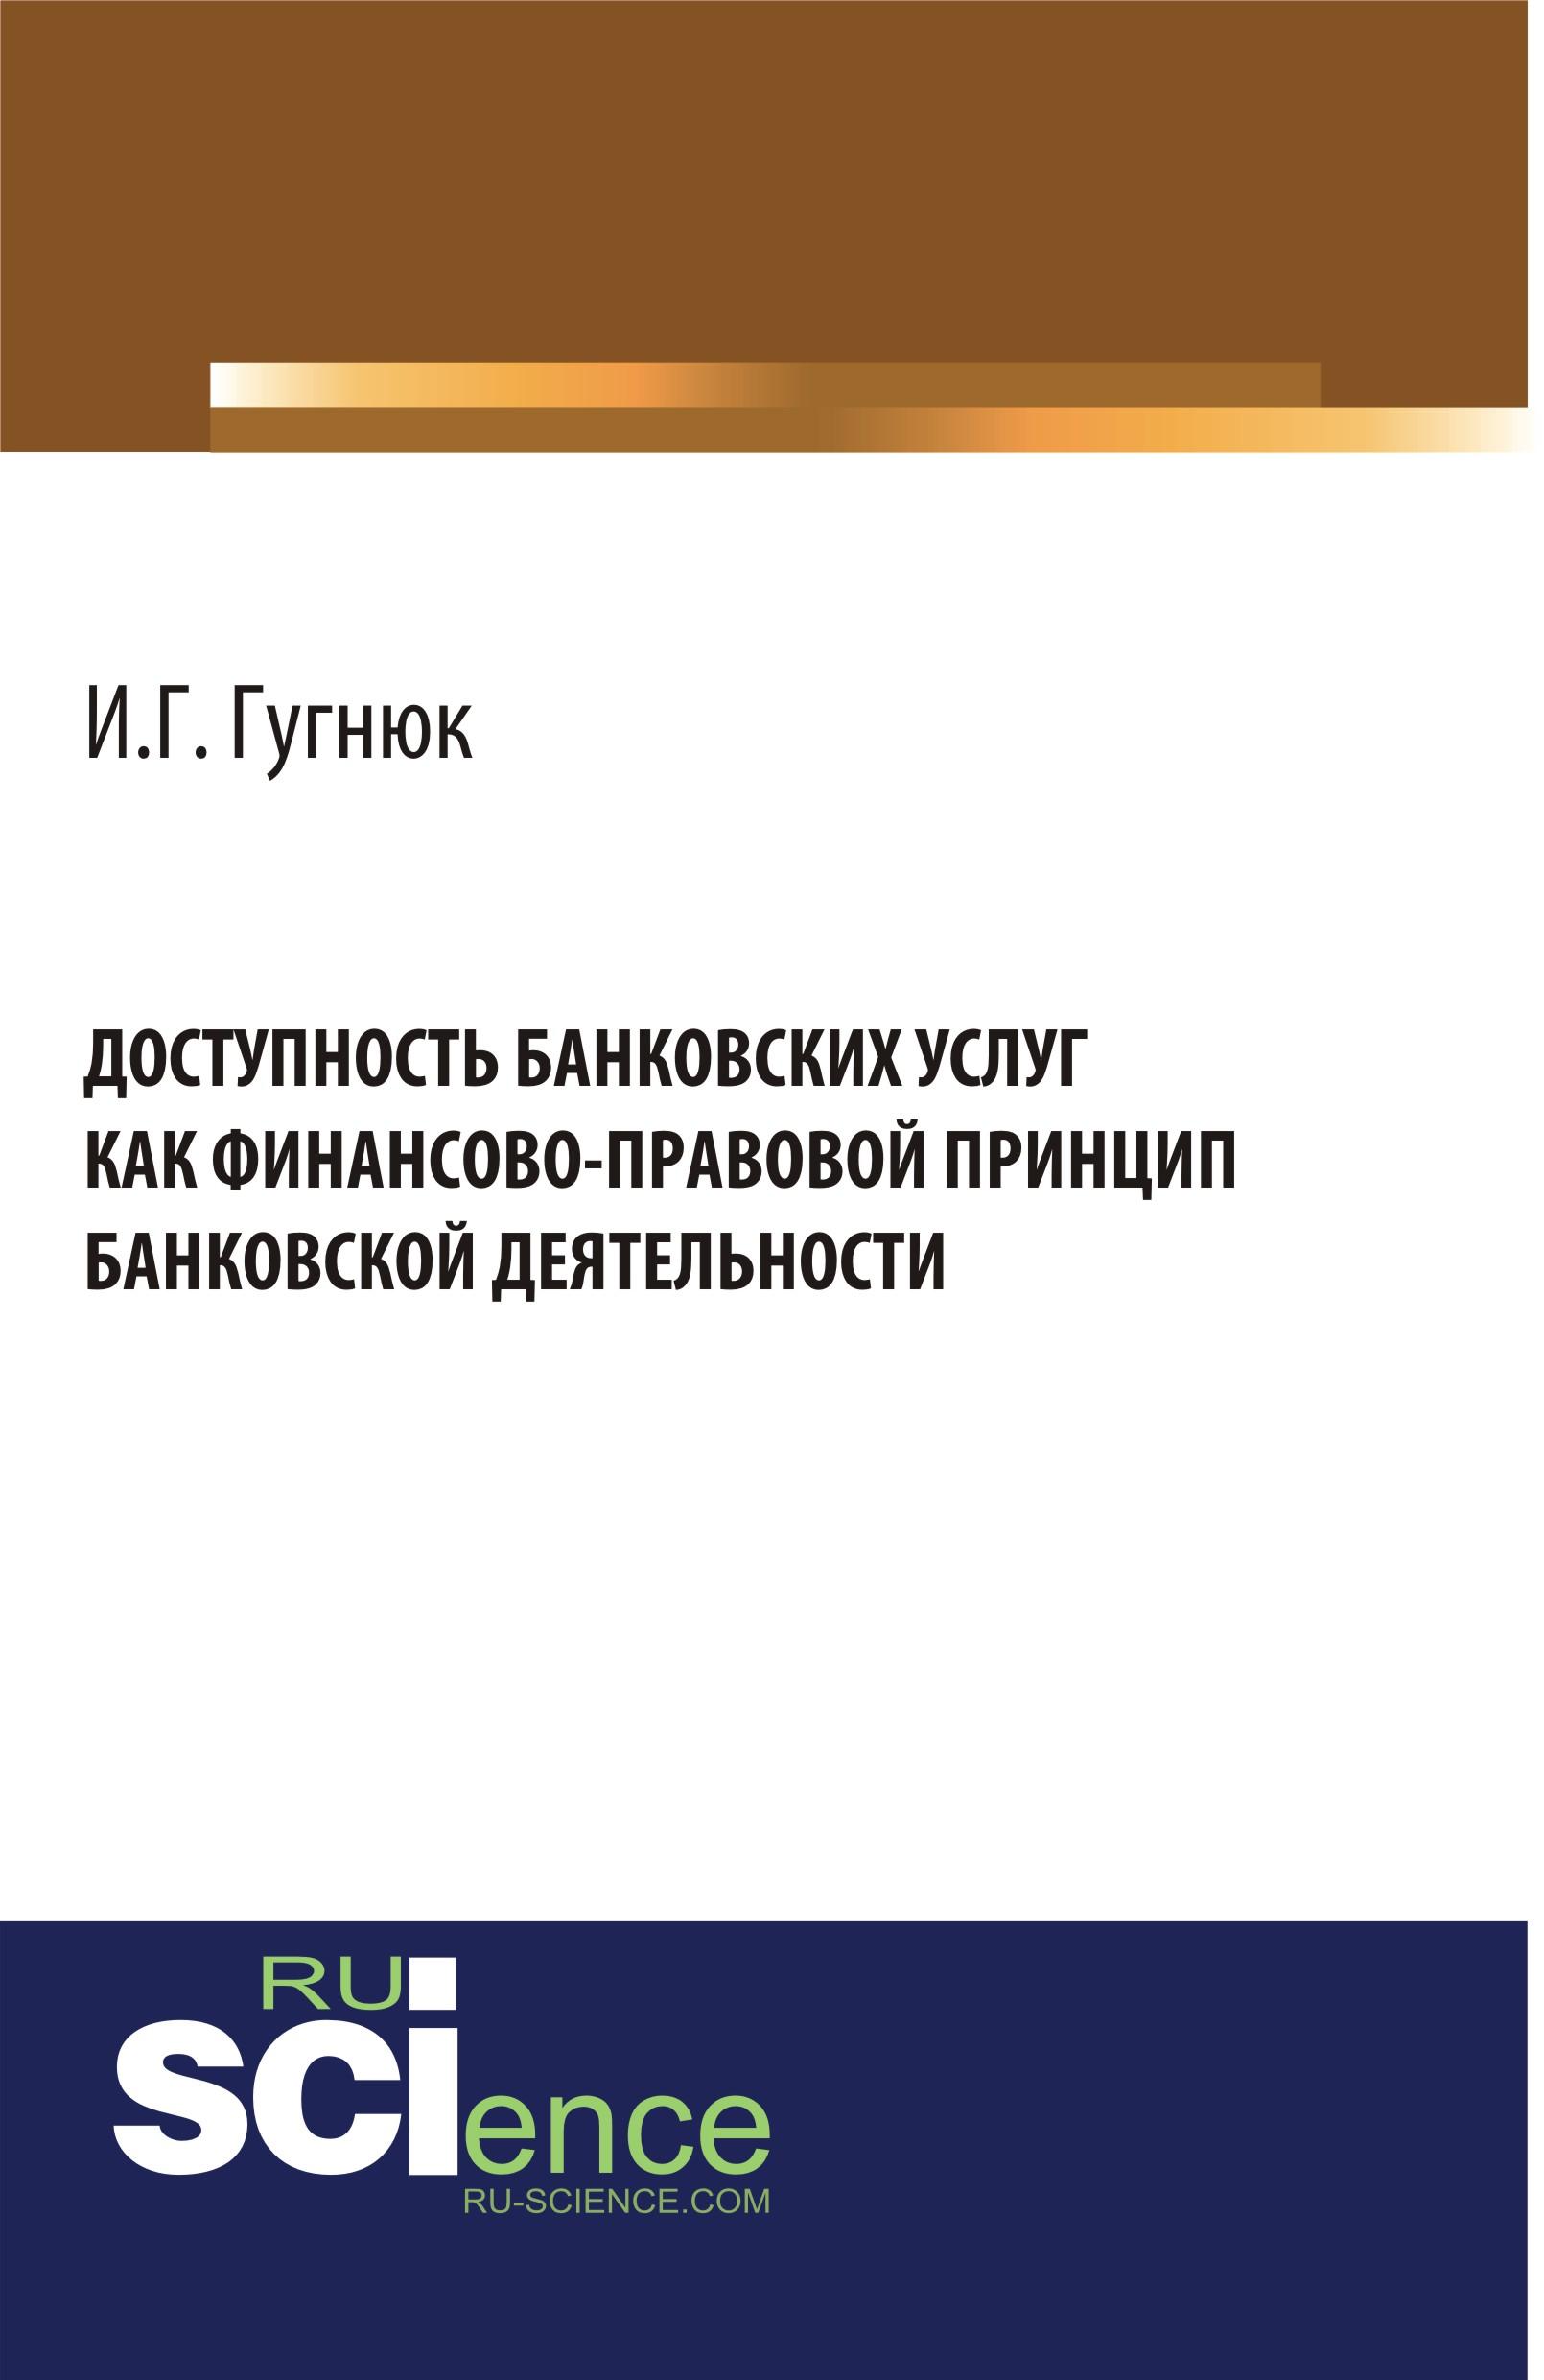 Доступность банковских услуг как финансово-правовой принцип банковской деятельности